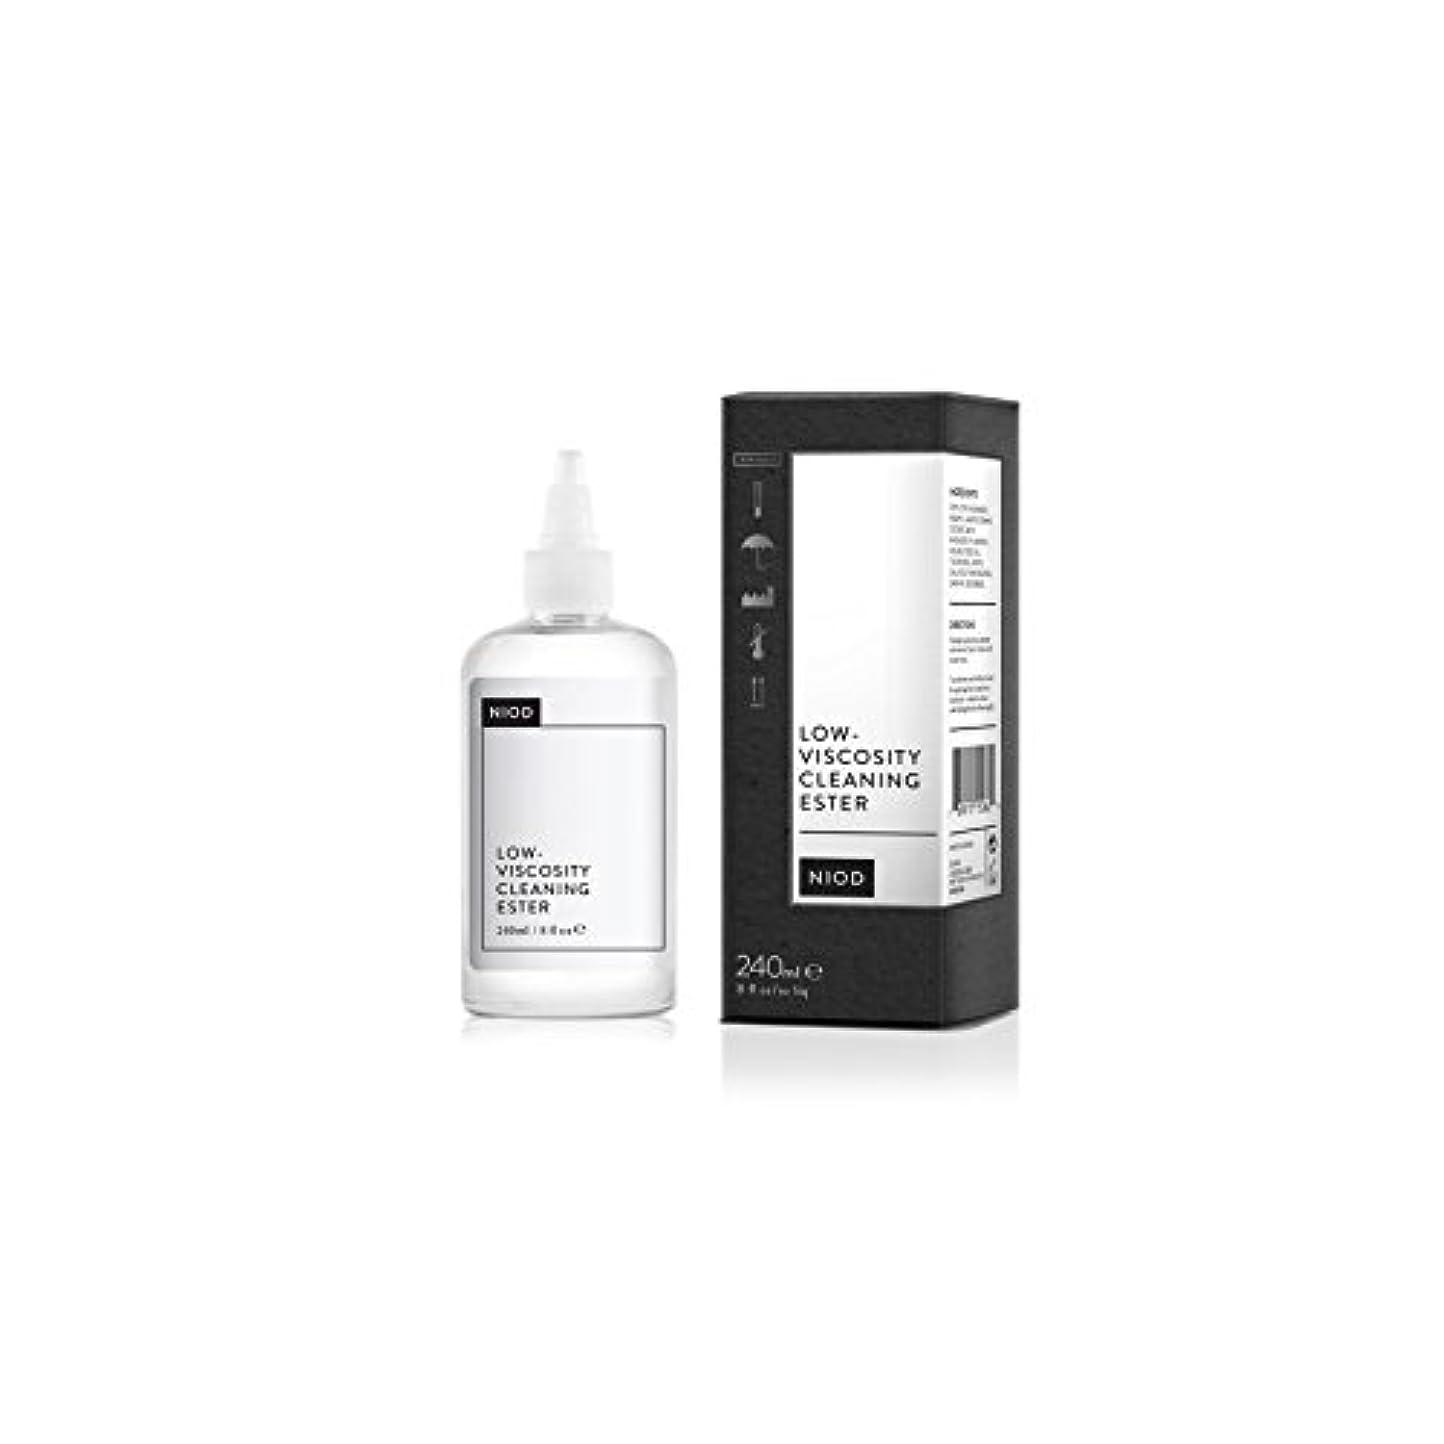 再生石灰岩ナラーバーNiod Low-Viscosity Cleaning Ester (240ml) - 低粘度のクリーニングエステル(240ミリリットル) [並行輸入品]